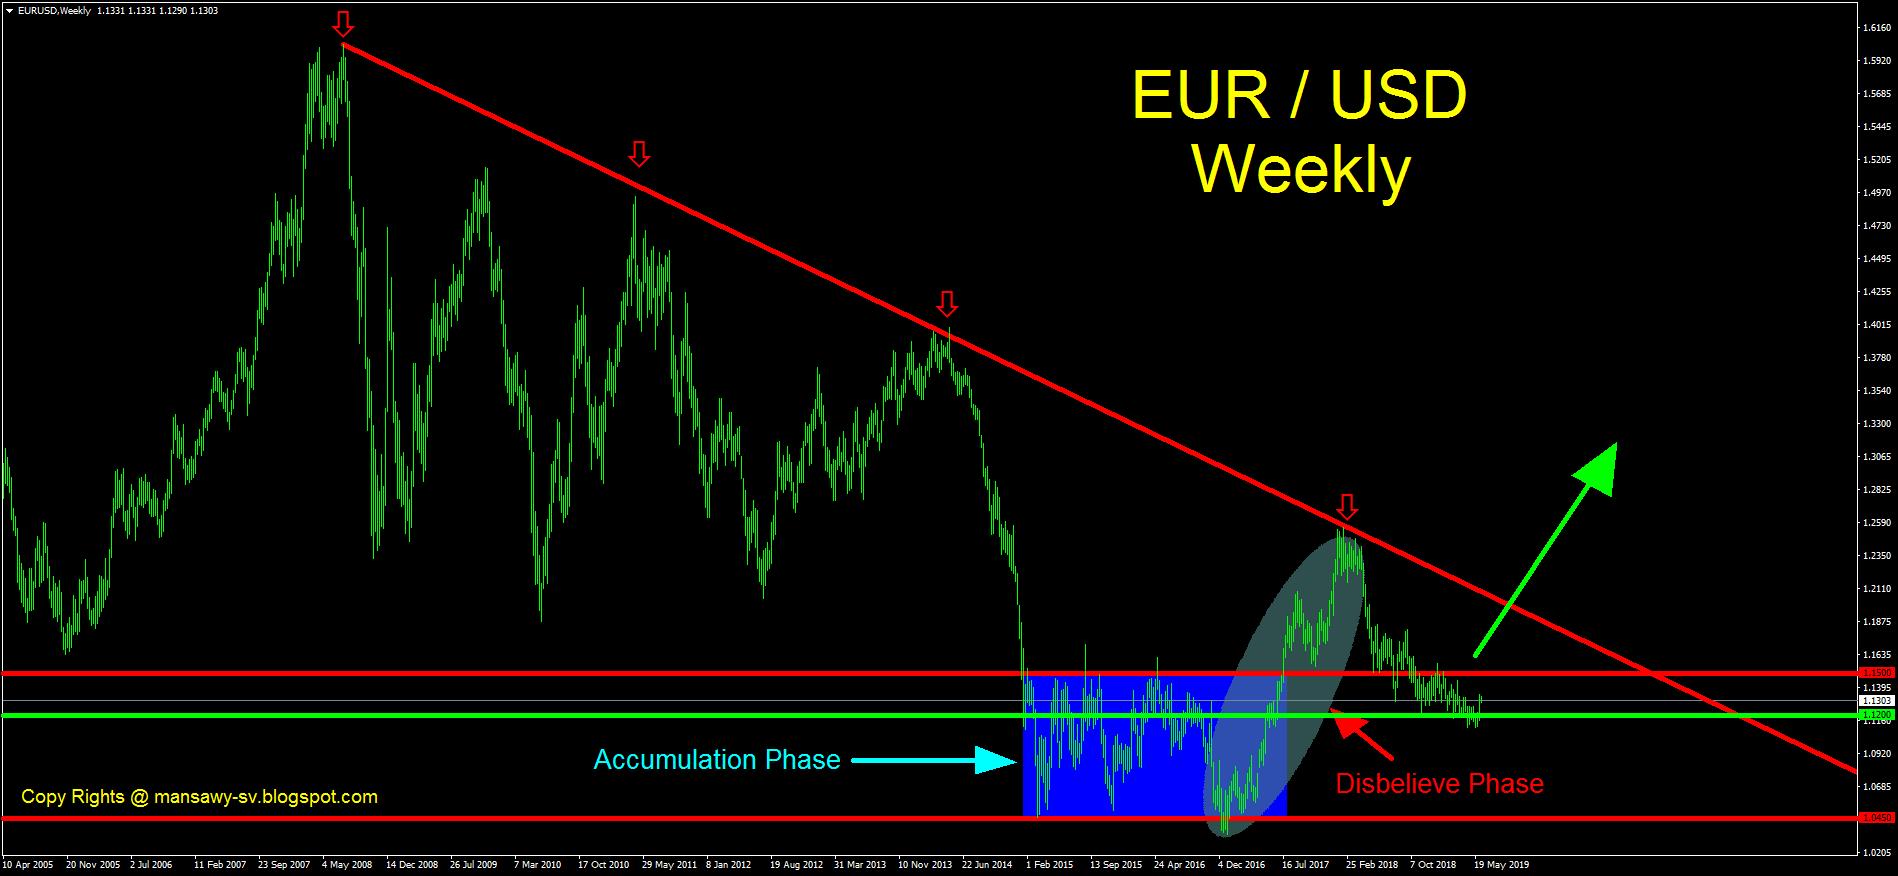 الرسم البياني الأسبوعي لزوج اليورو/دولار